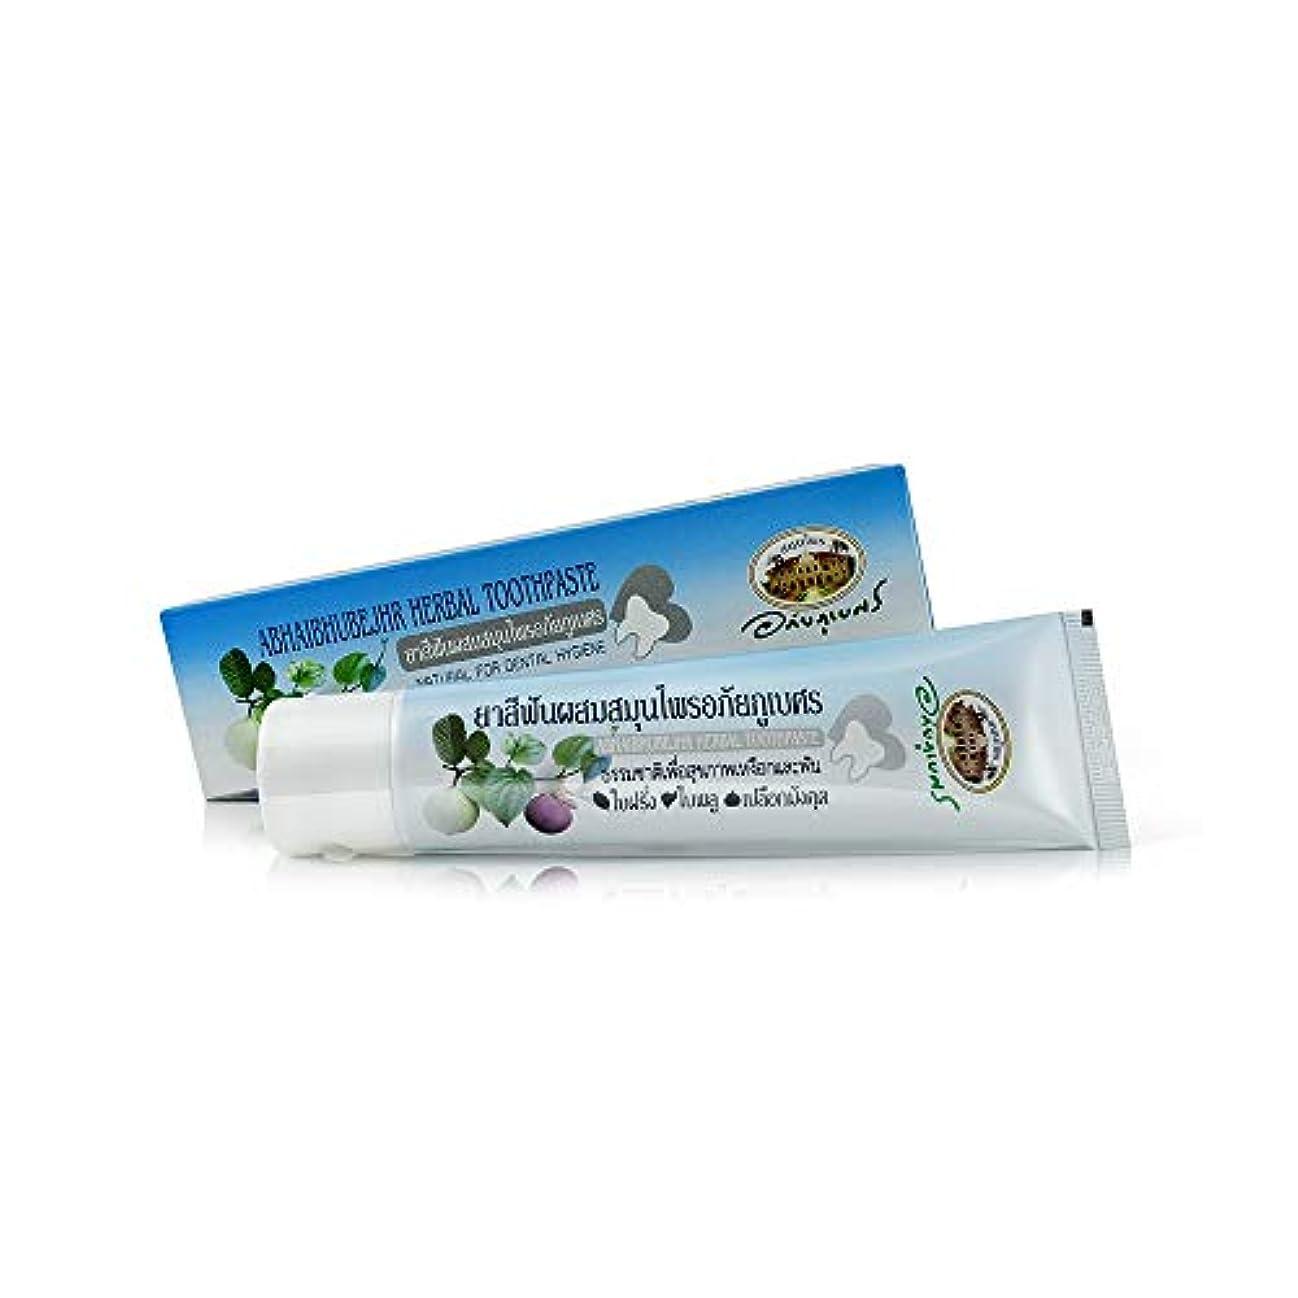 針キャッチ不和Abhaibhubejhr Herbal Toothpaste Natural For Dental Hygiene 歯科衛生のためのAbhaibhubejhrハーブ歯磨き粉ナチュラル (70g)